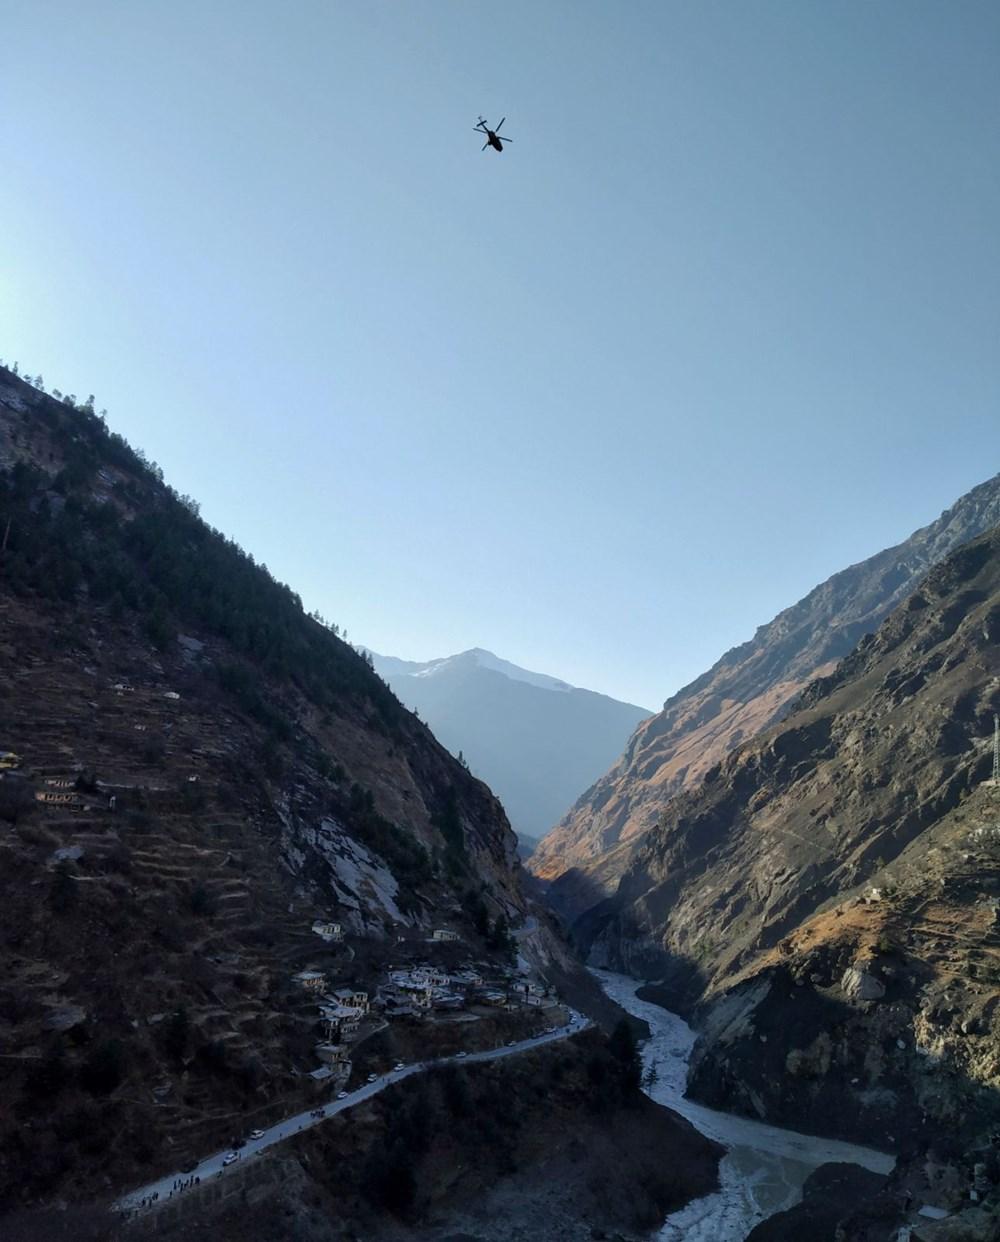 Hindistan'da nehre düşen buz kütlesi sele neden oldu: 170 kayıp, 14 ölü - 3